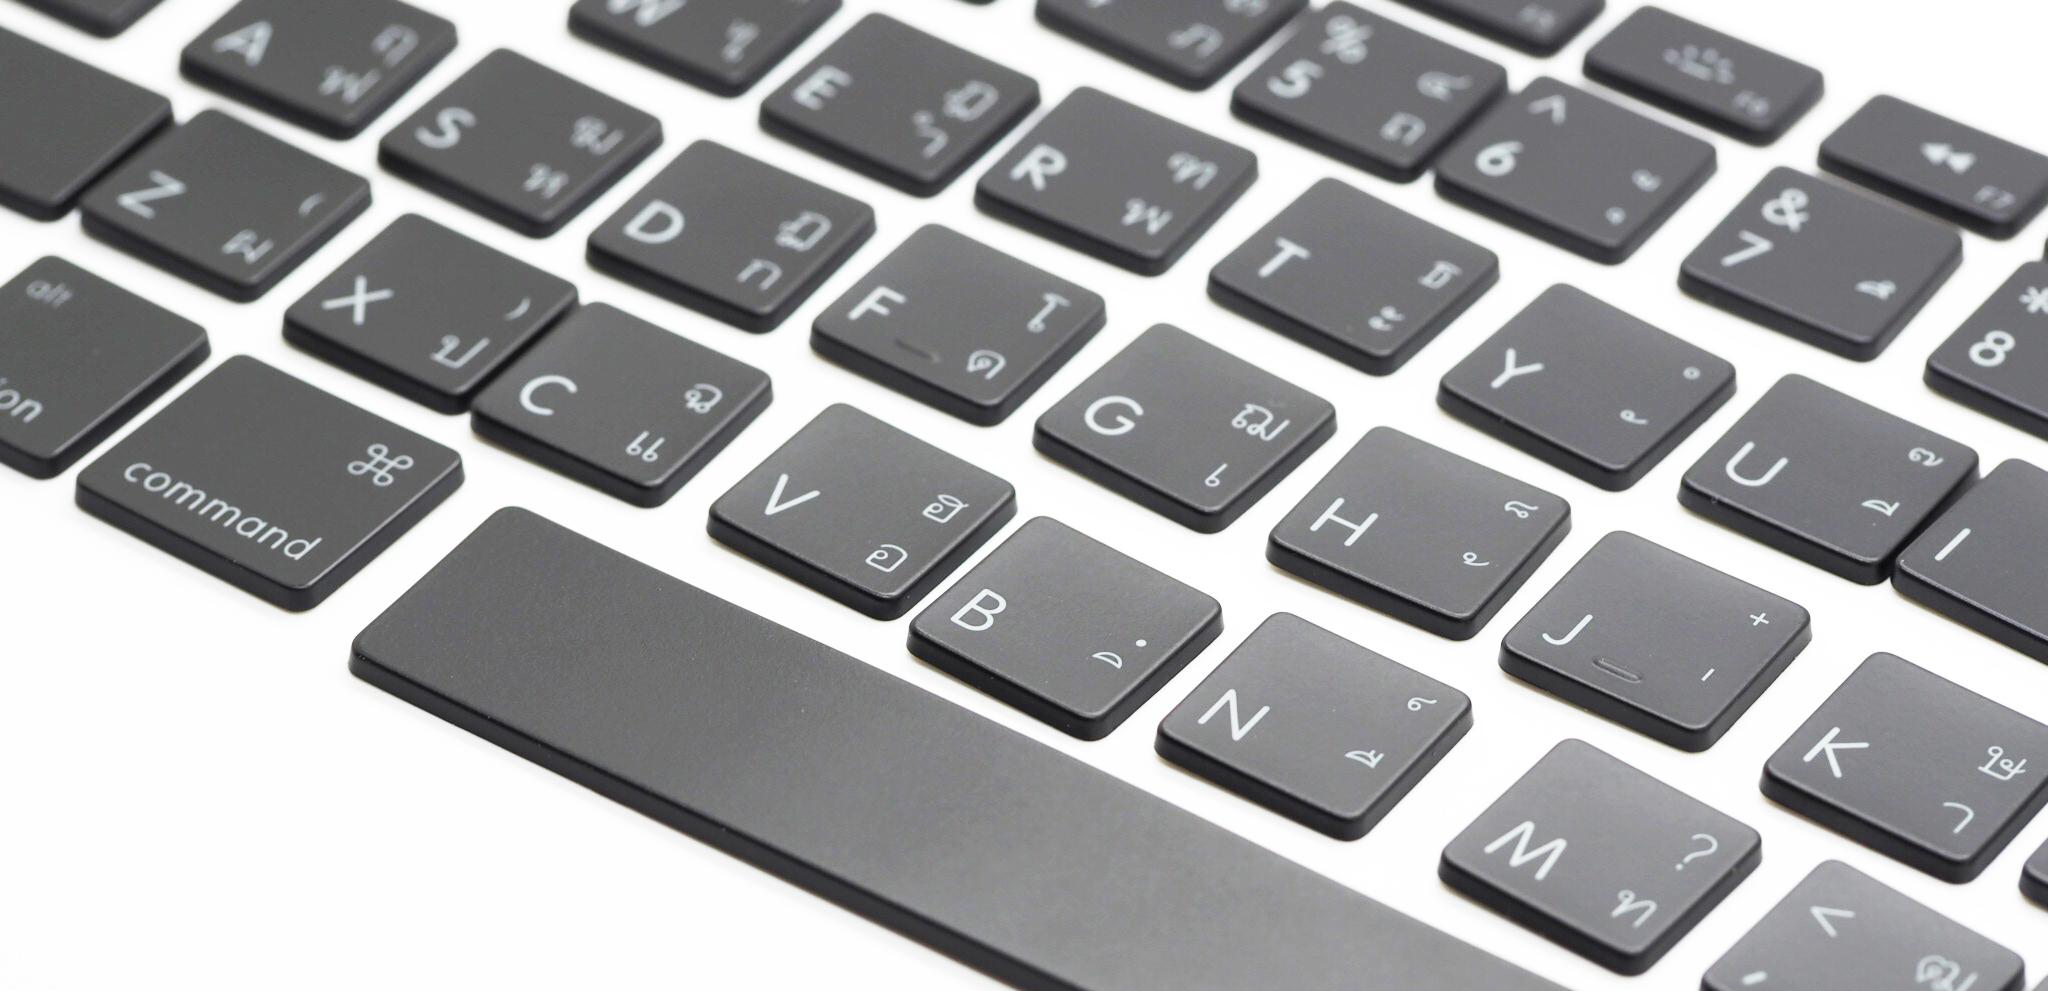 ปุ่มภาษาไทย KeyCap Set (Thai/Eng) Version D